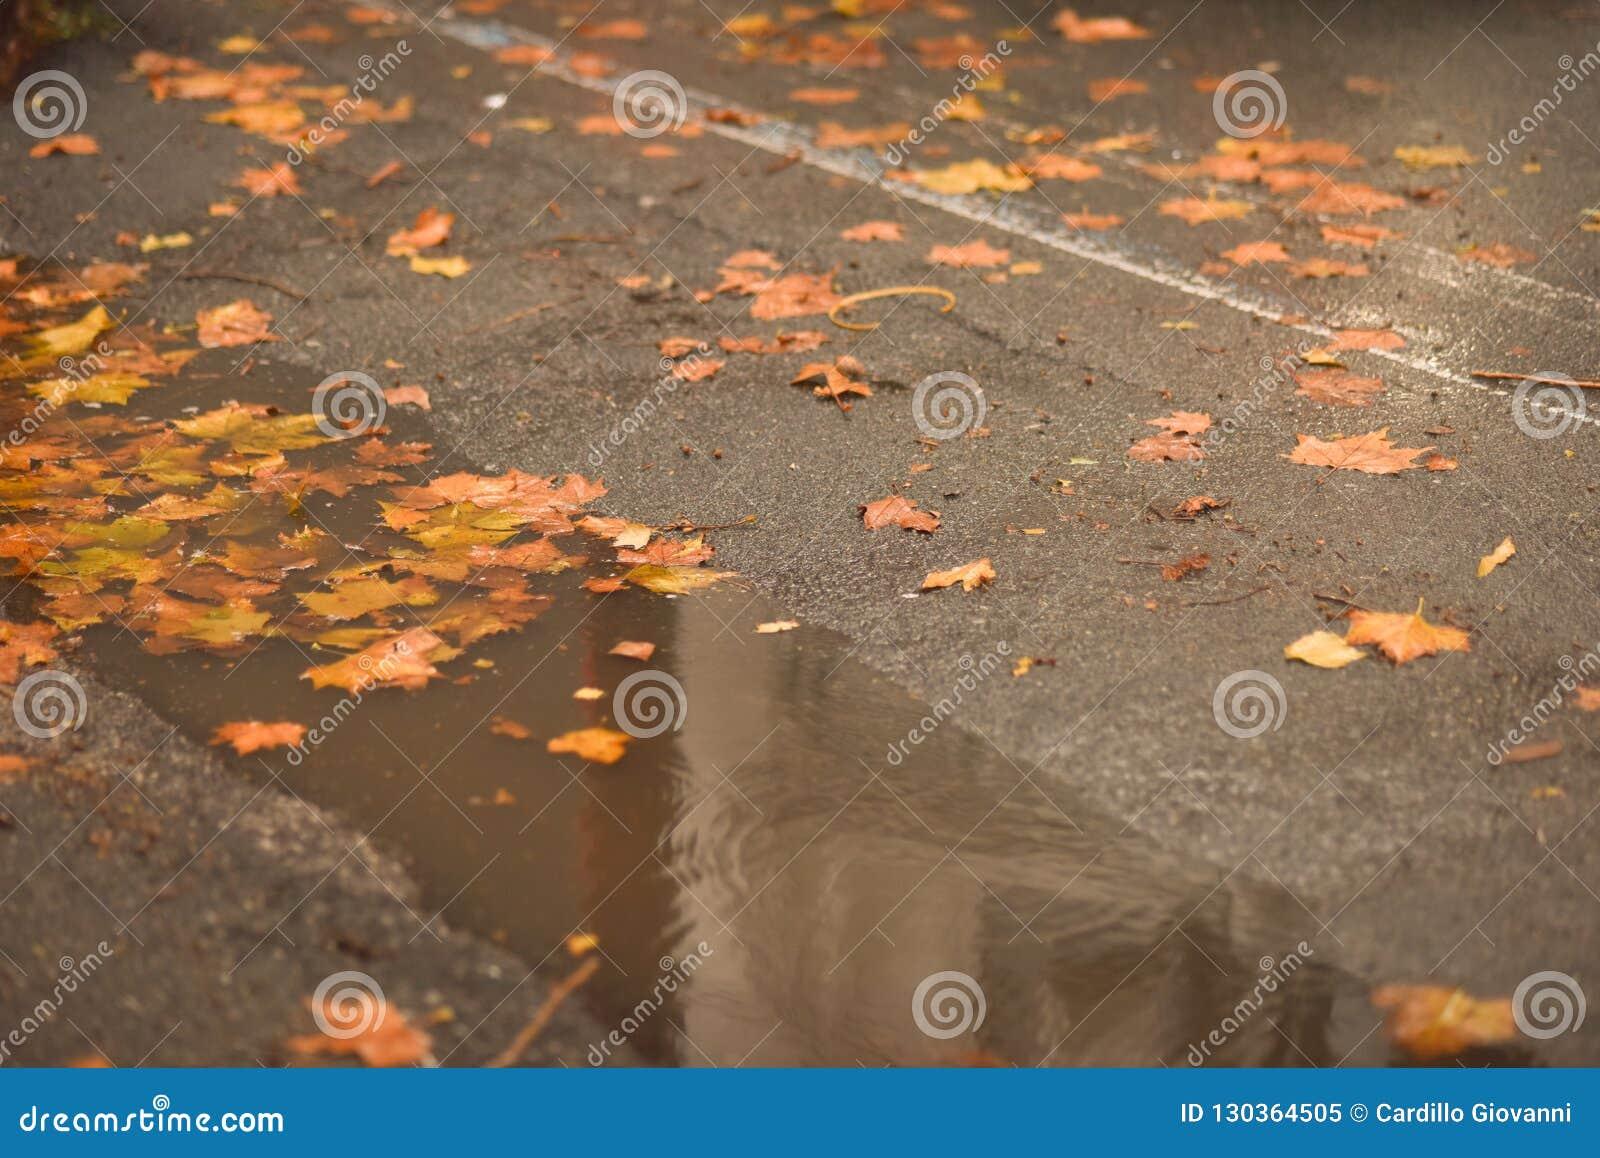 Deszcz tworzył kałuże w dziurach asfalt